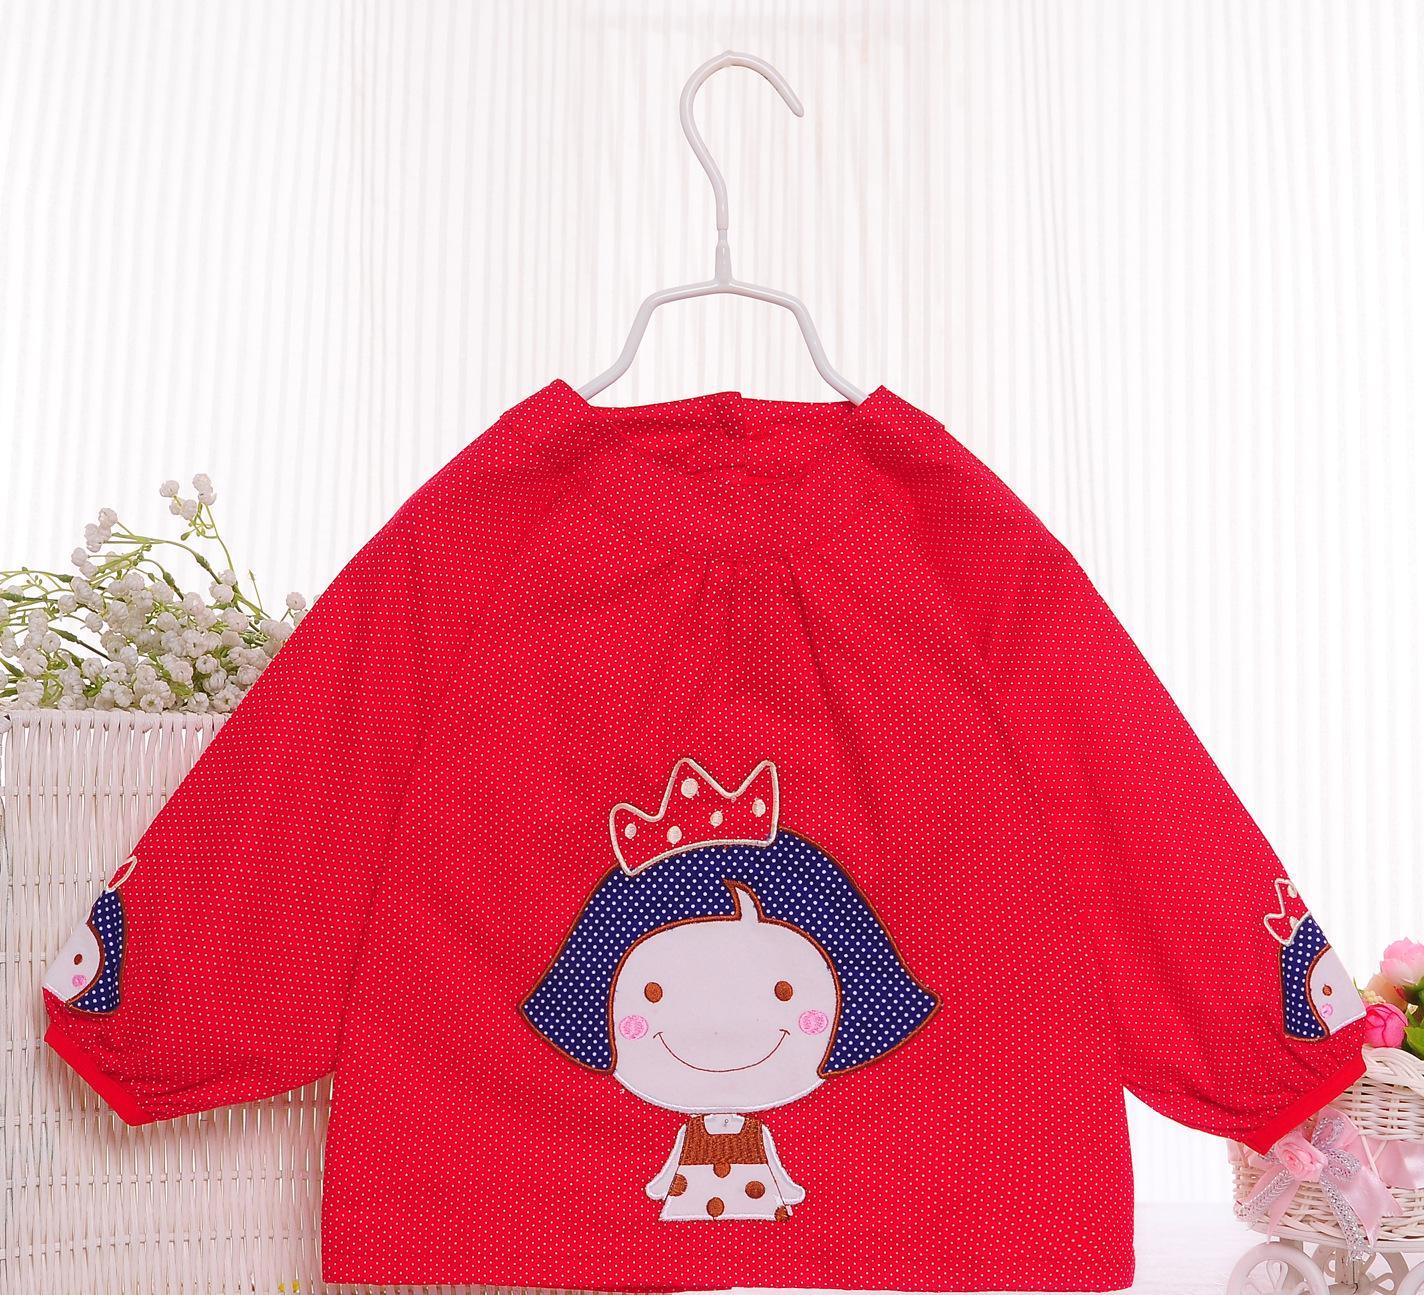 公主王子純棉防水兒童反穿衣阿喜和悅罩衣批發吃飯衣春秋冬畫畫衣